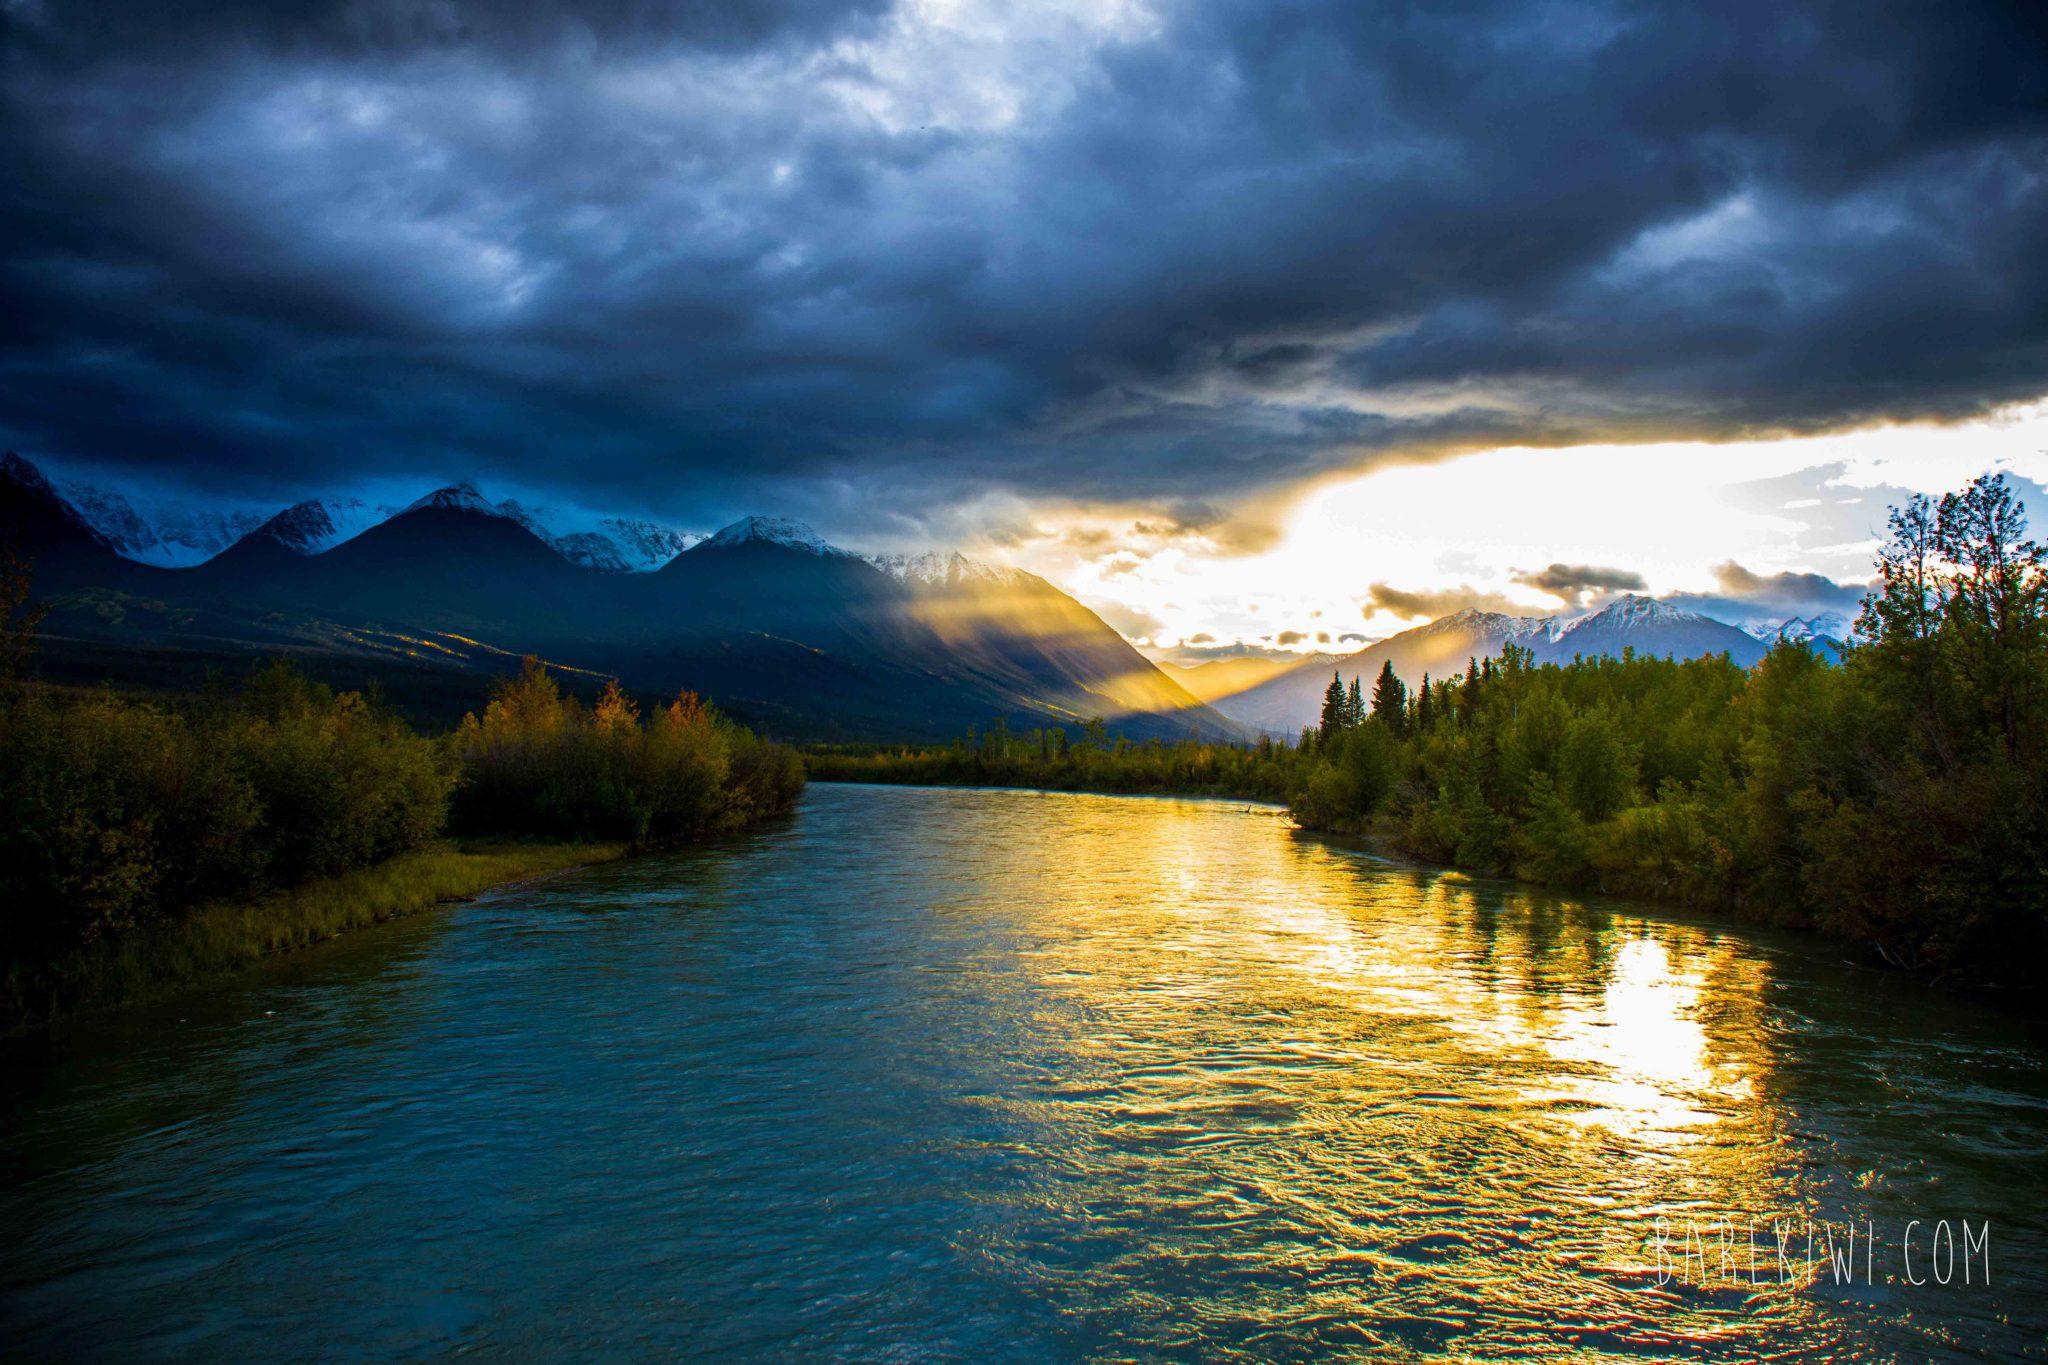 Yukon Images WEB (21 of 34)